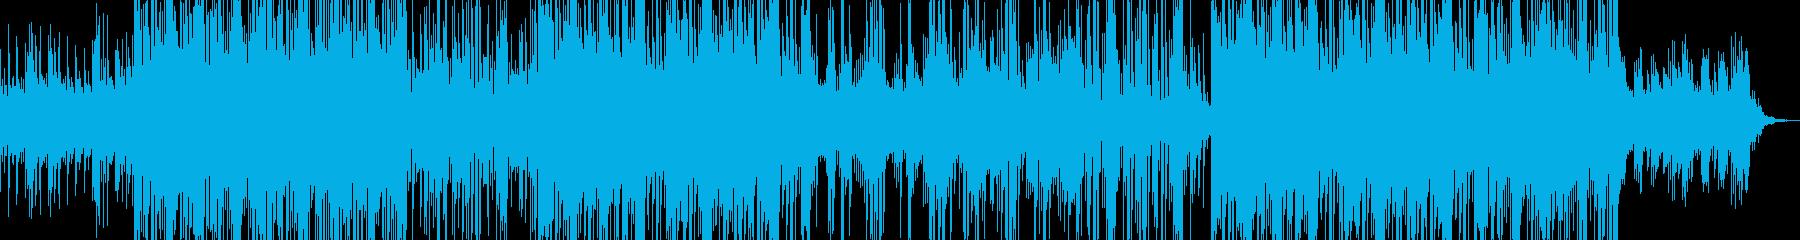 爽快でクールなメロディックポップスの再生済みの波形